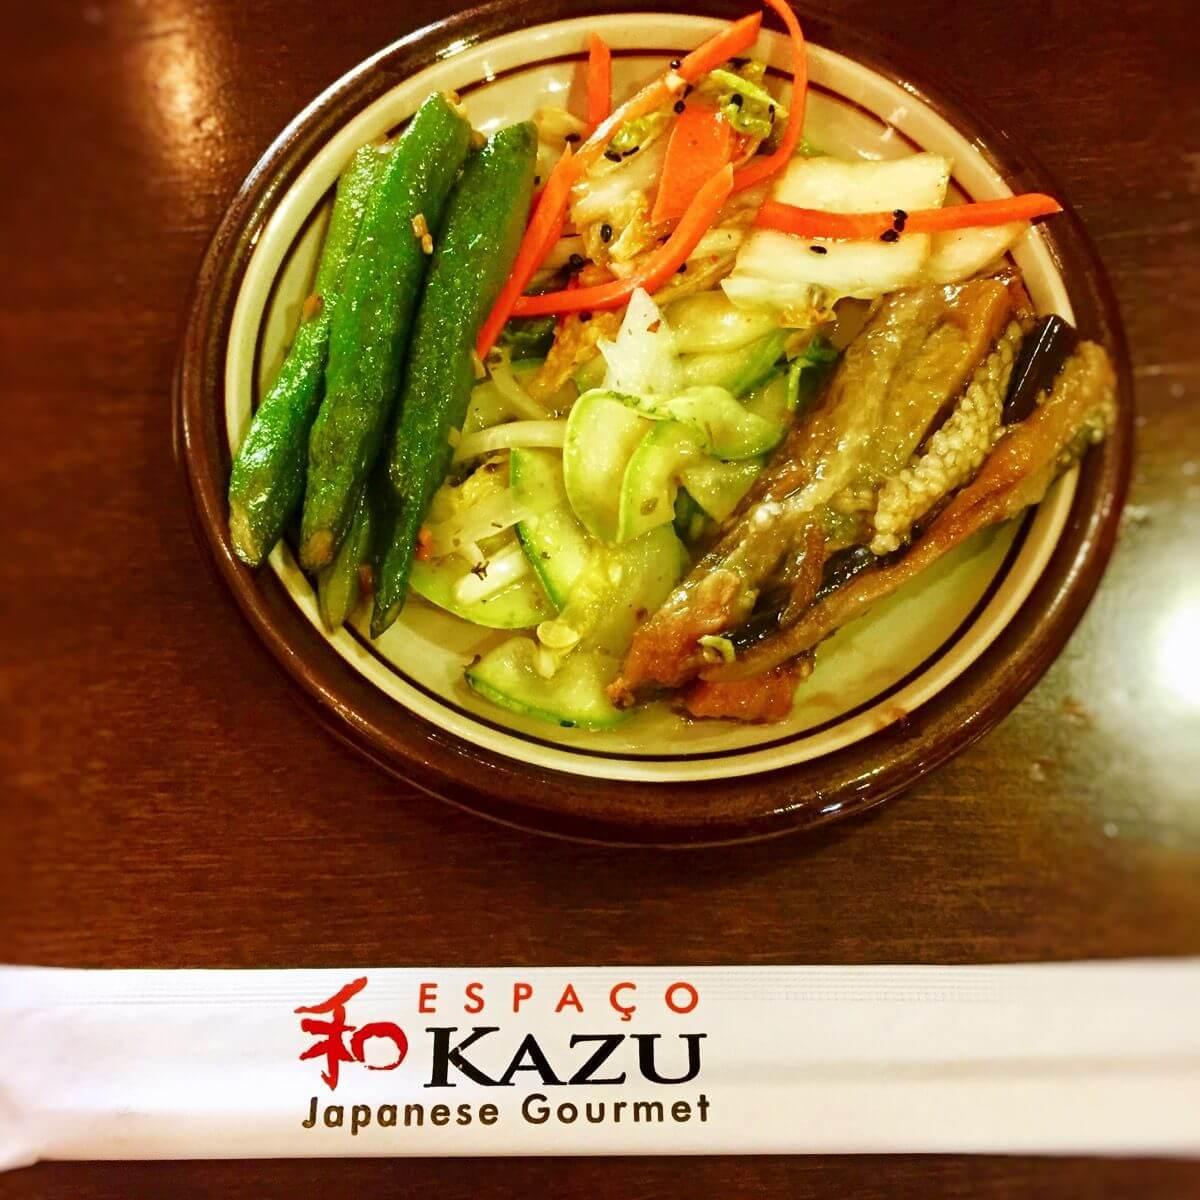 Kazu teishoku zensai